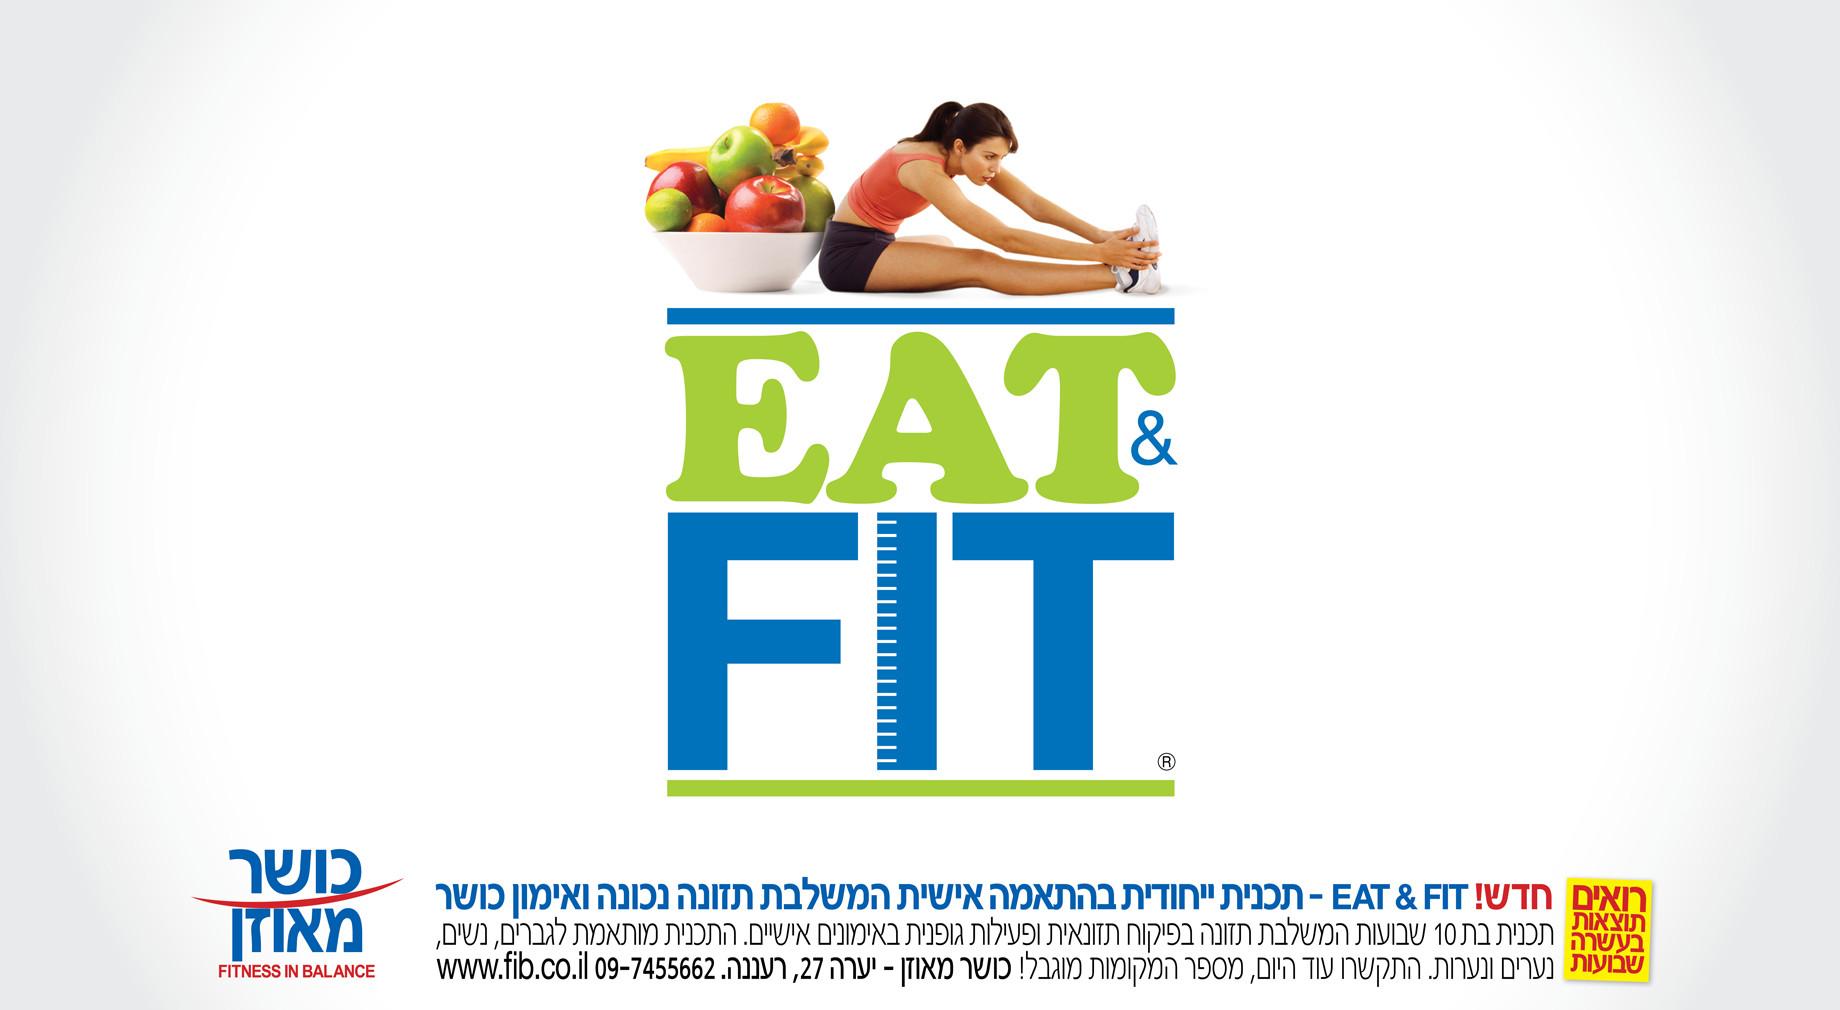 שם לתכנית המשלבת דיאטנית עם מדריך כושר